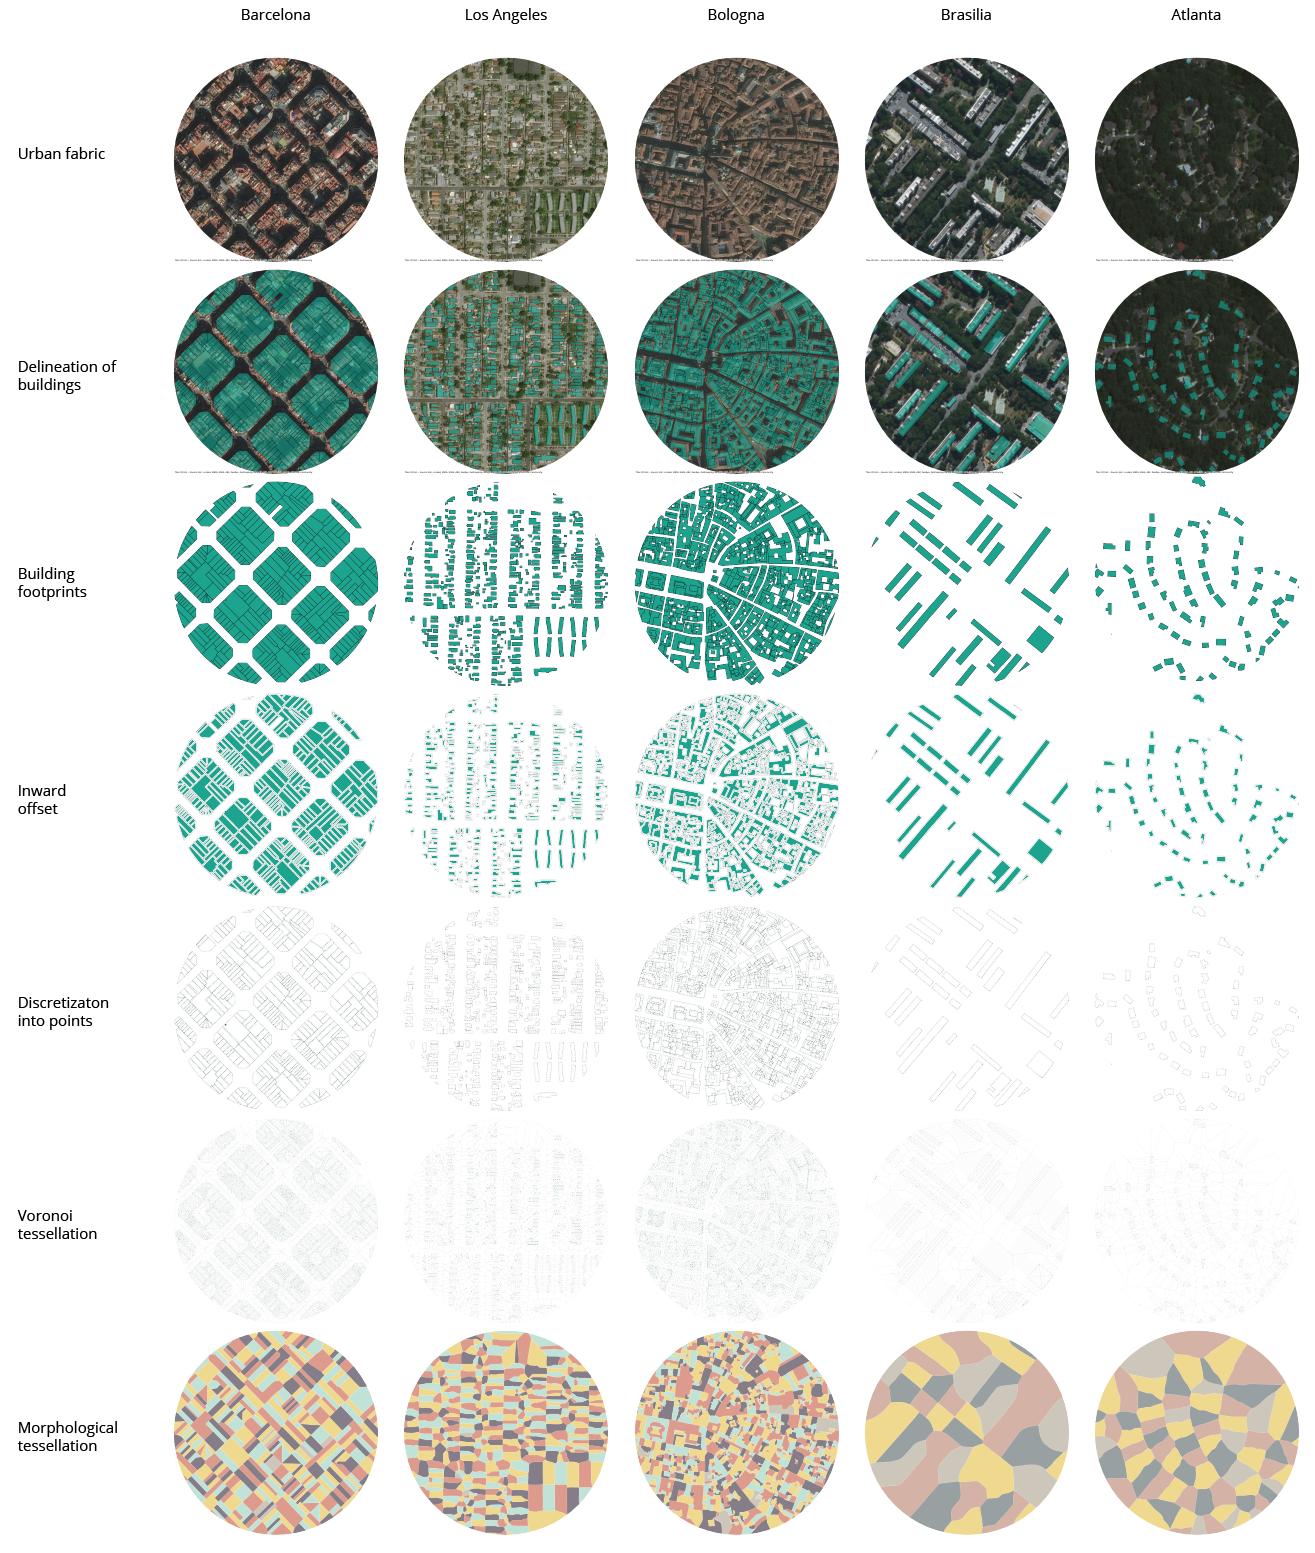 Matrix of cases